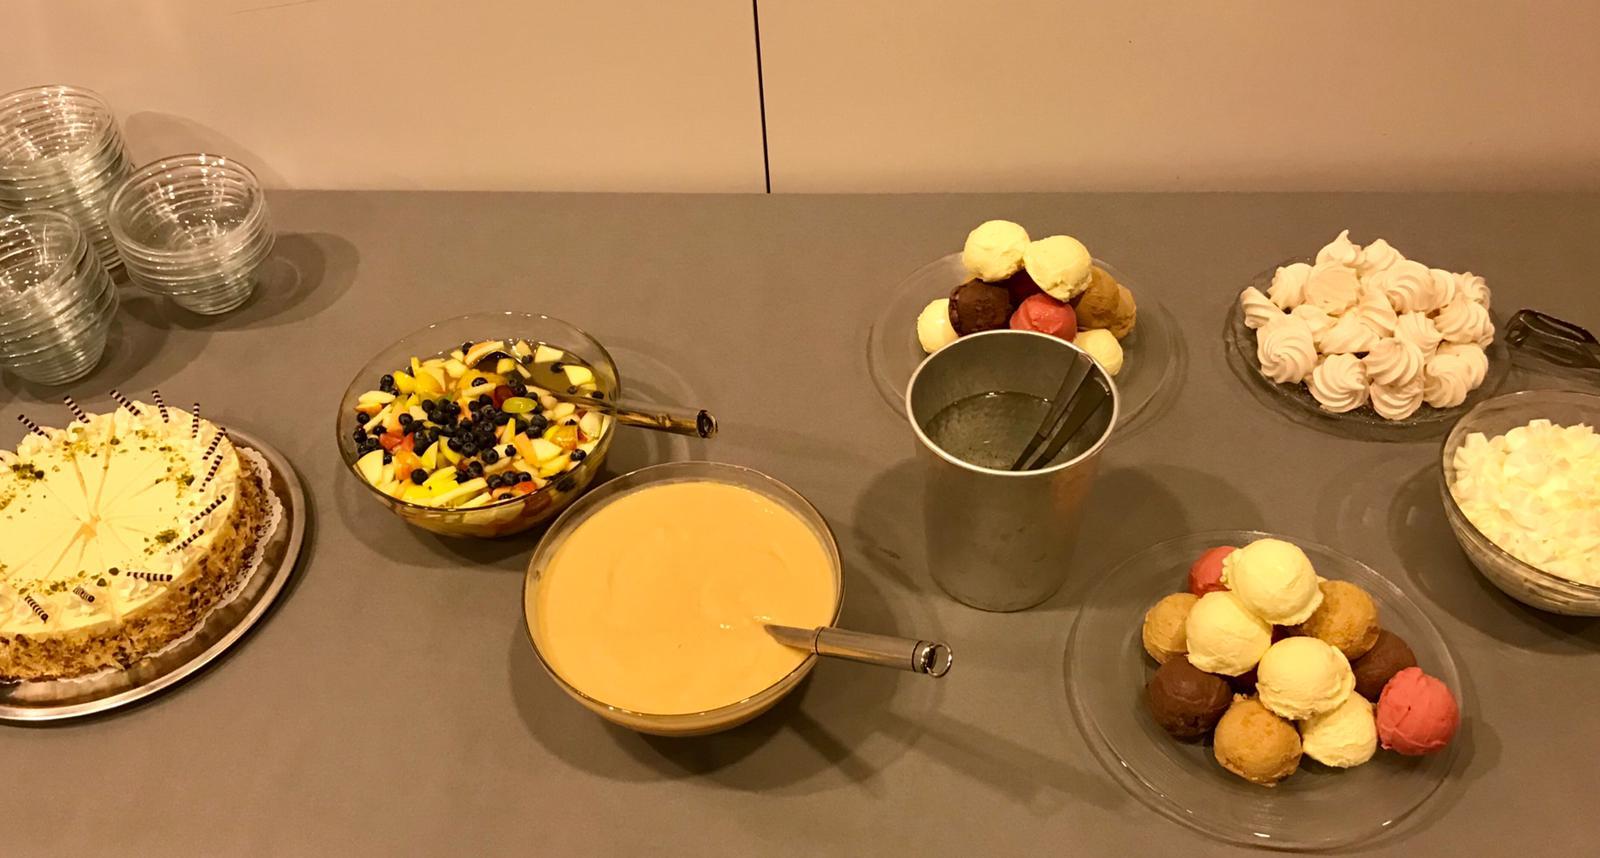 Zur Feier des Tages gab es ein feines Dessertbuffet